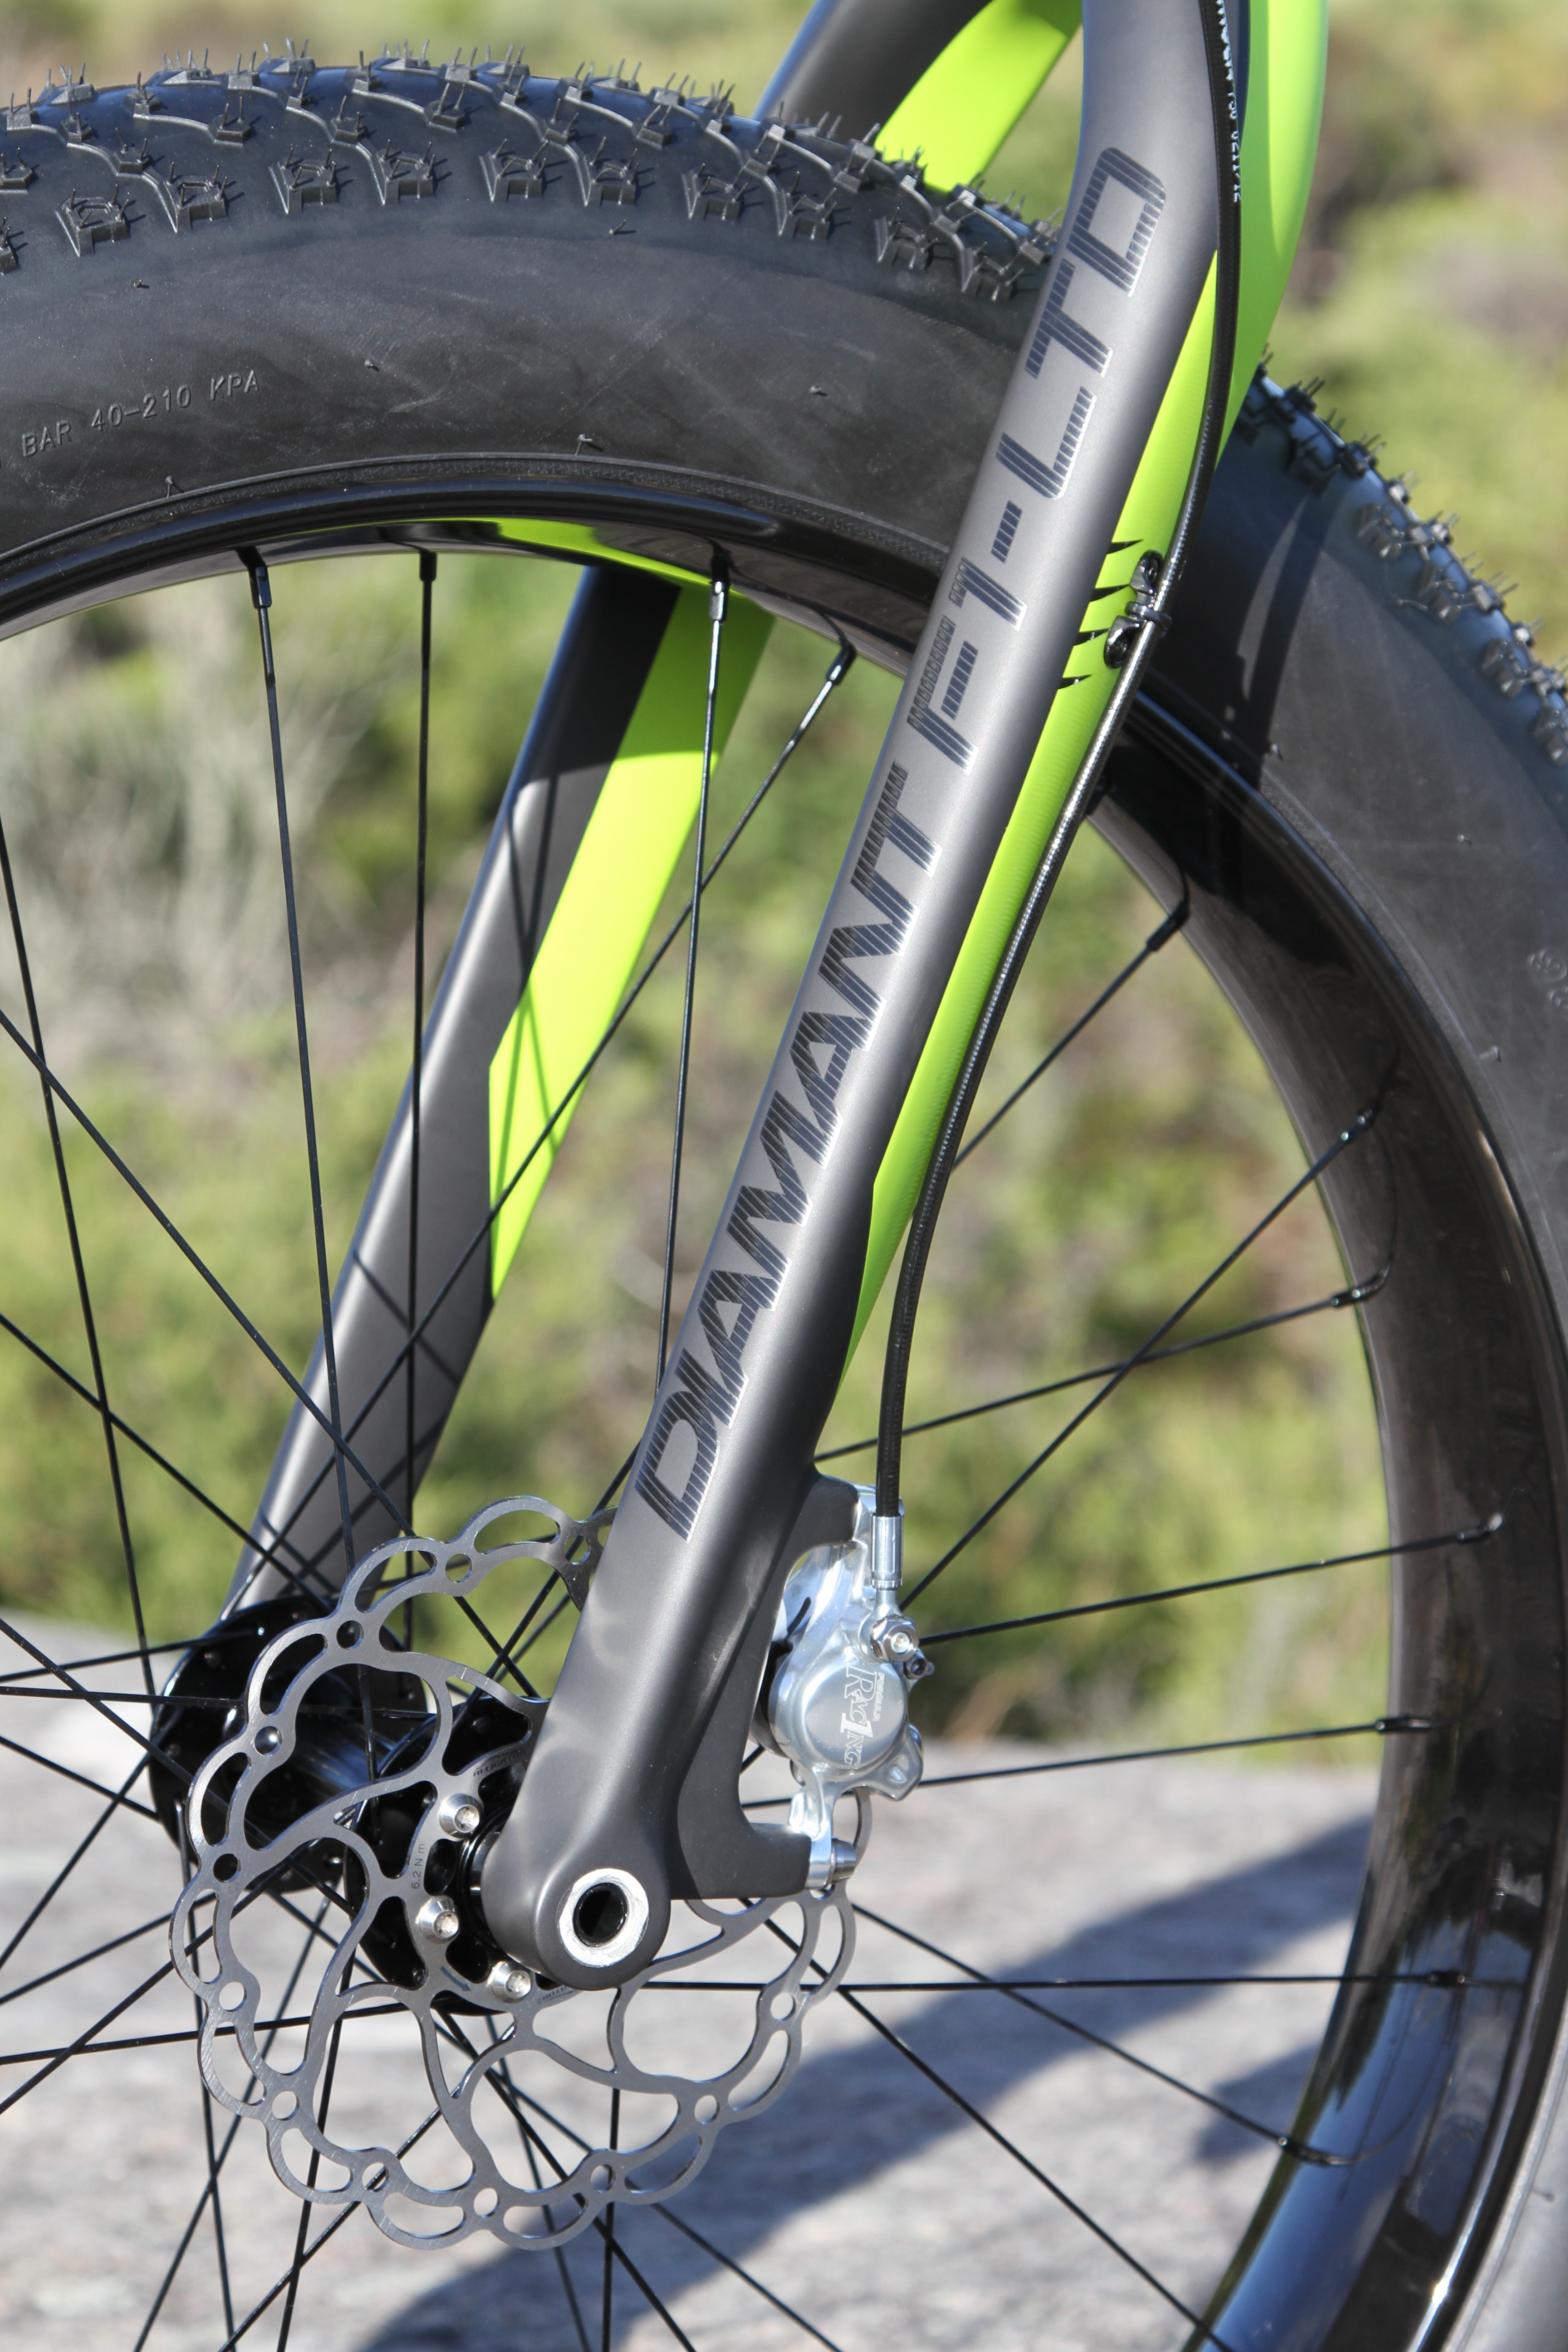 Diamant F1-LTD Fat bike fork